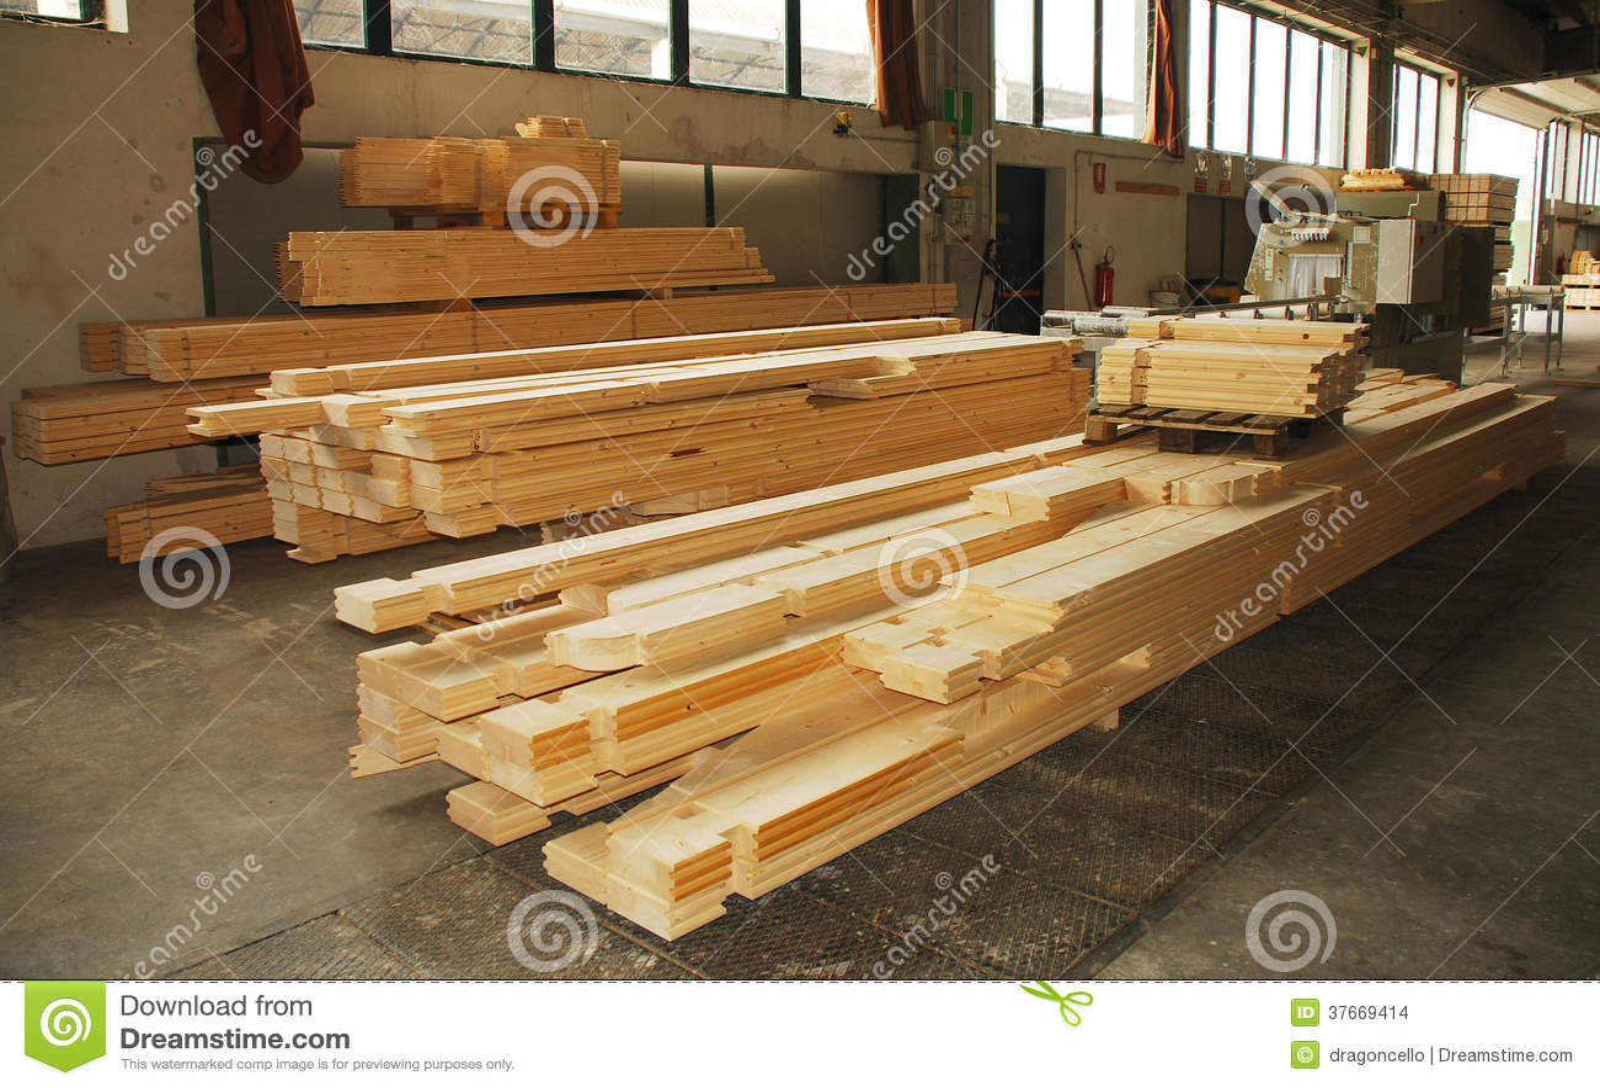 Pezzi prefabbricati di legno della camera in fabbrica for Prefabbricati di legno